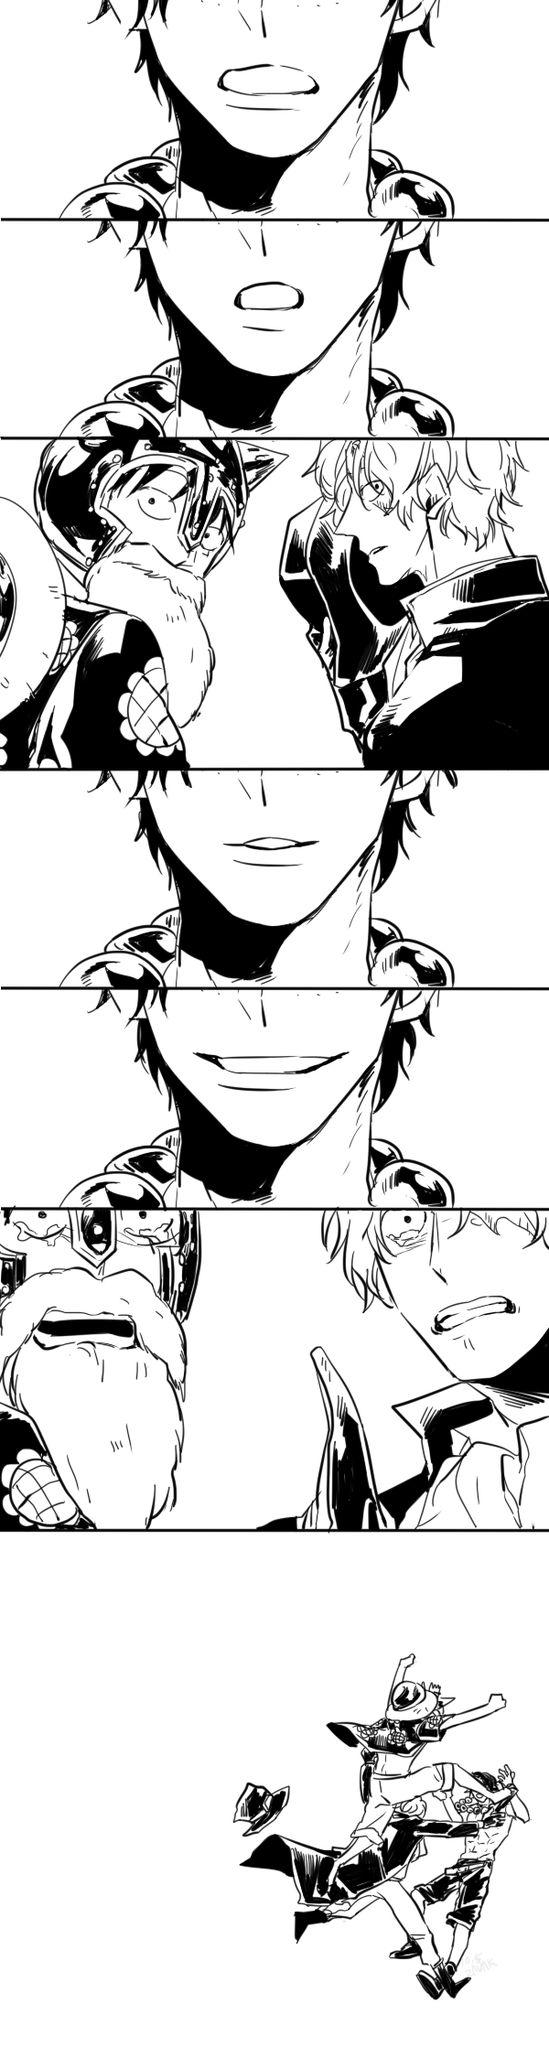 leele los Labios a Ace y te daras cuenta que dice ''Sabo'' y ''Luffy''